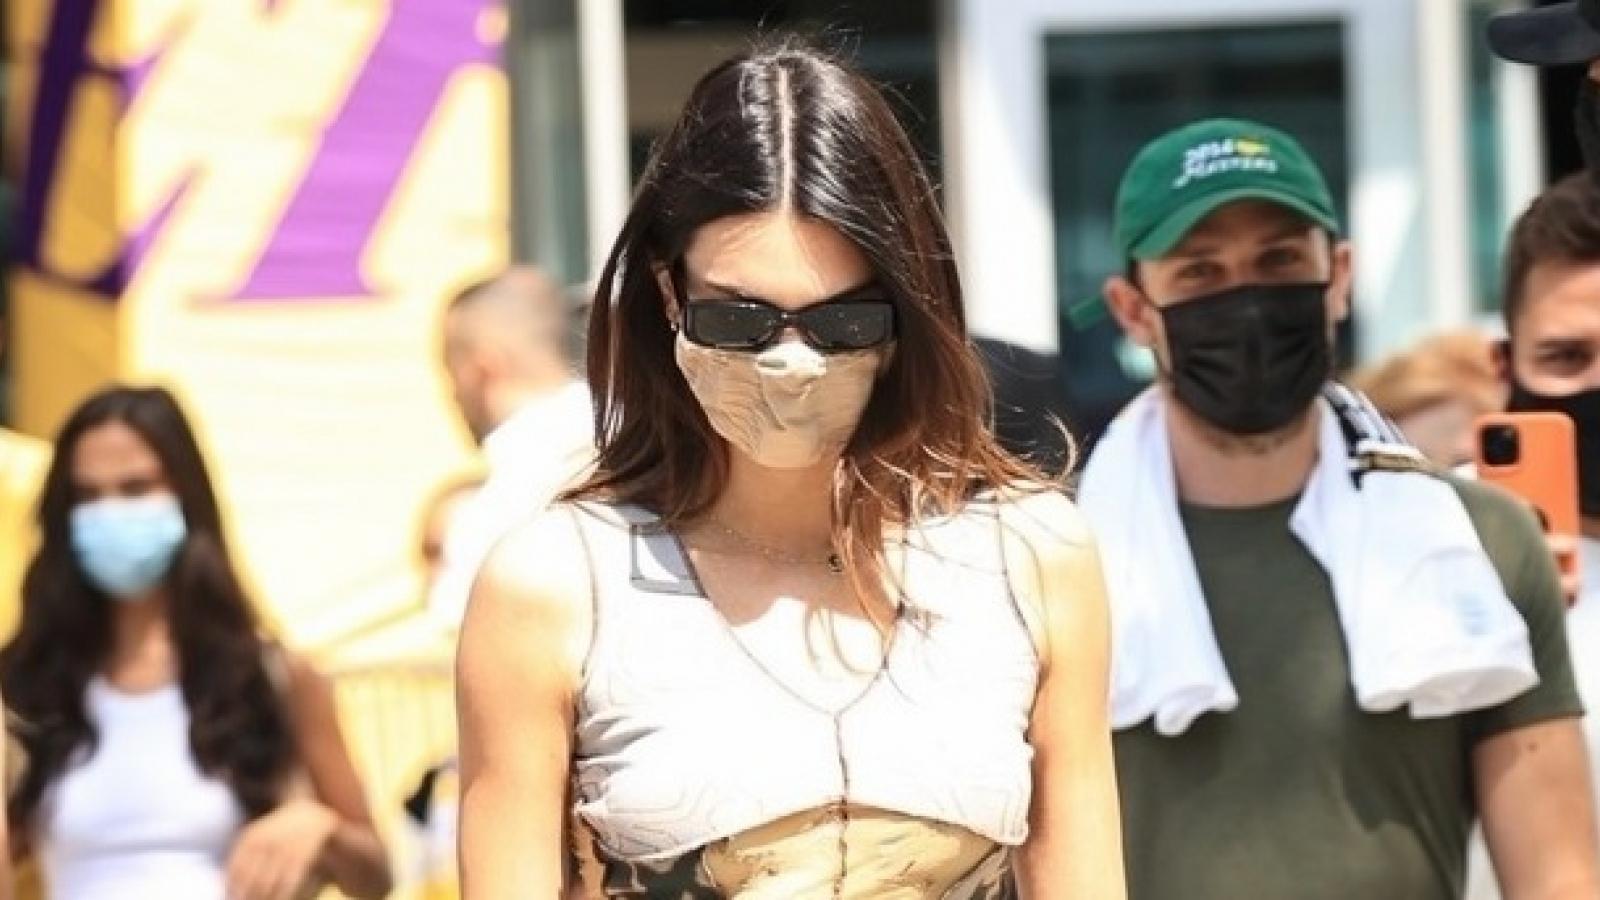 Kendall Jenner gợi cảm đến sân bóng rổ để cổ vũ bạn trai thi đấu